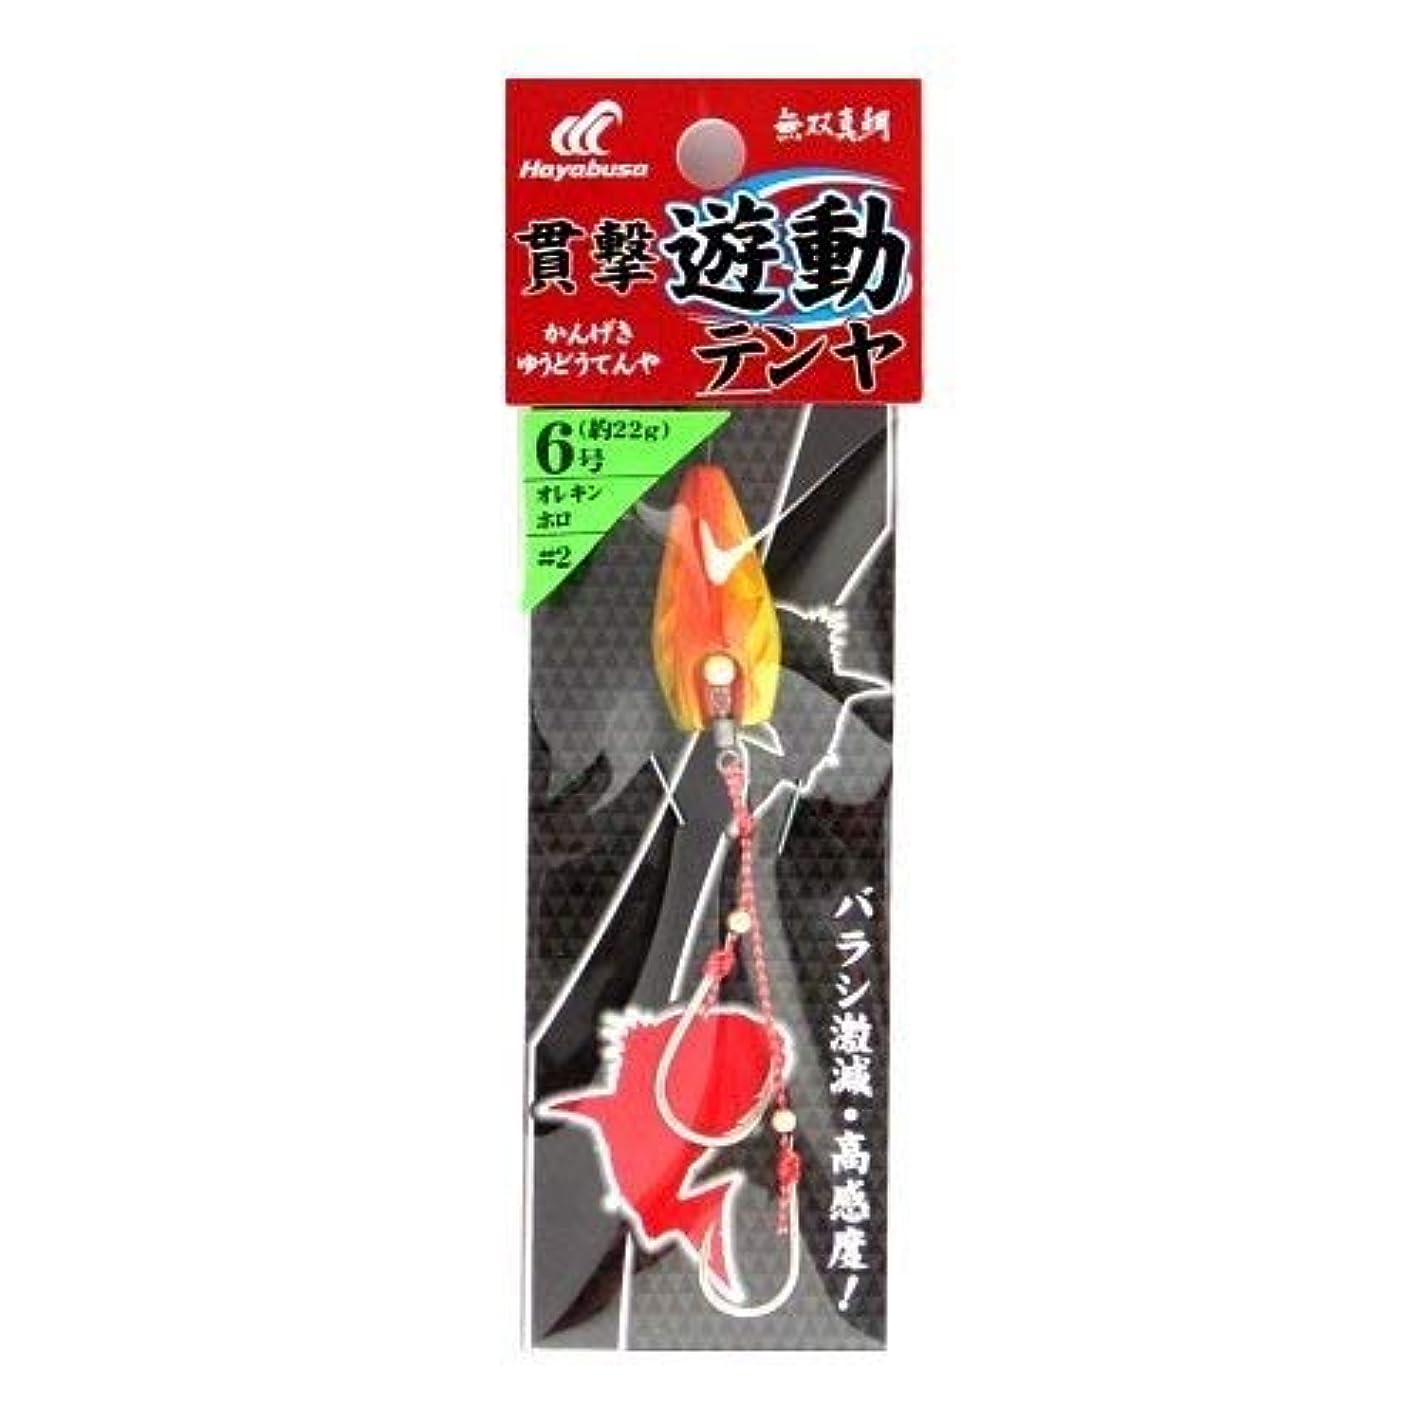 有効化必要条件メンテナンスハヤブサ(Hayabusa) 無双真鯛 貫撃遊動テンヤ 6-2 SE-105